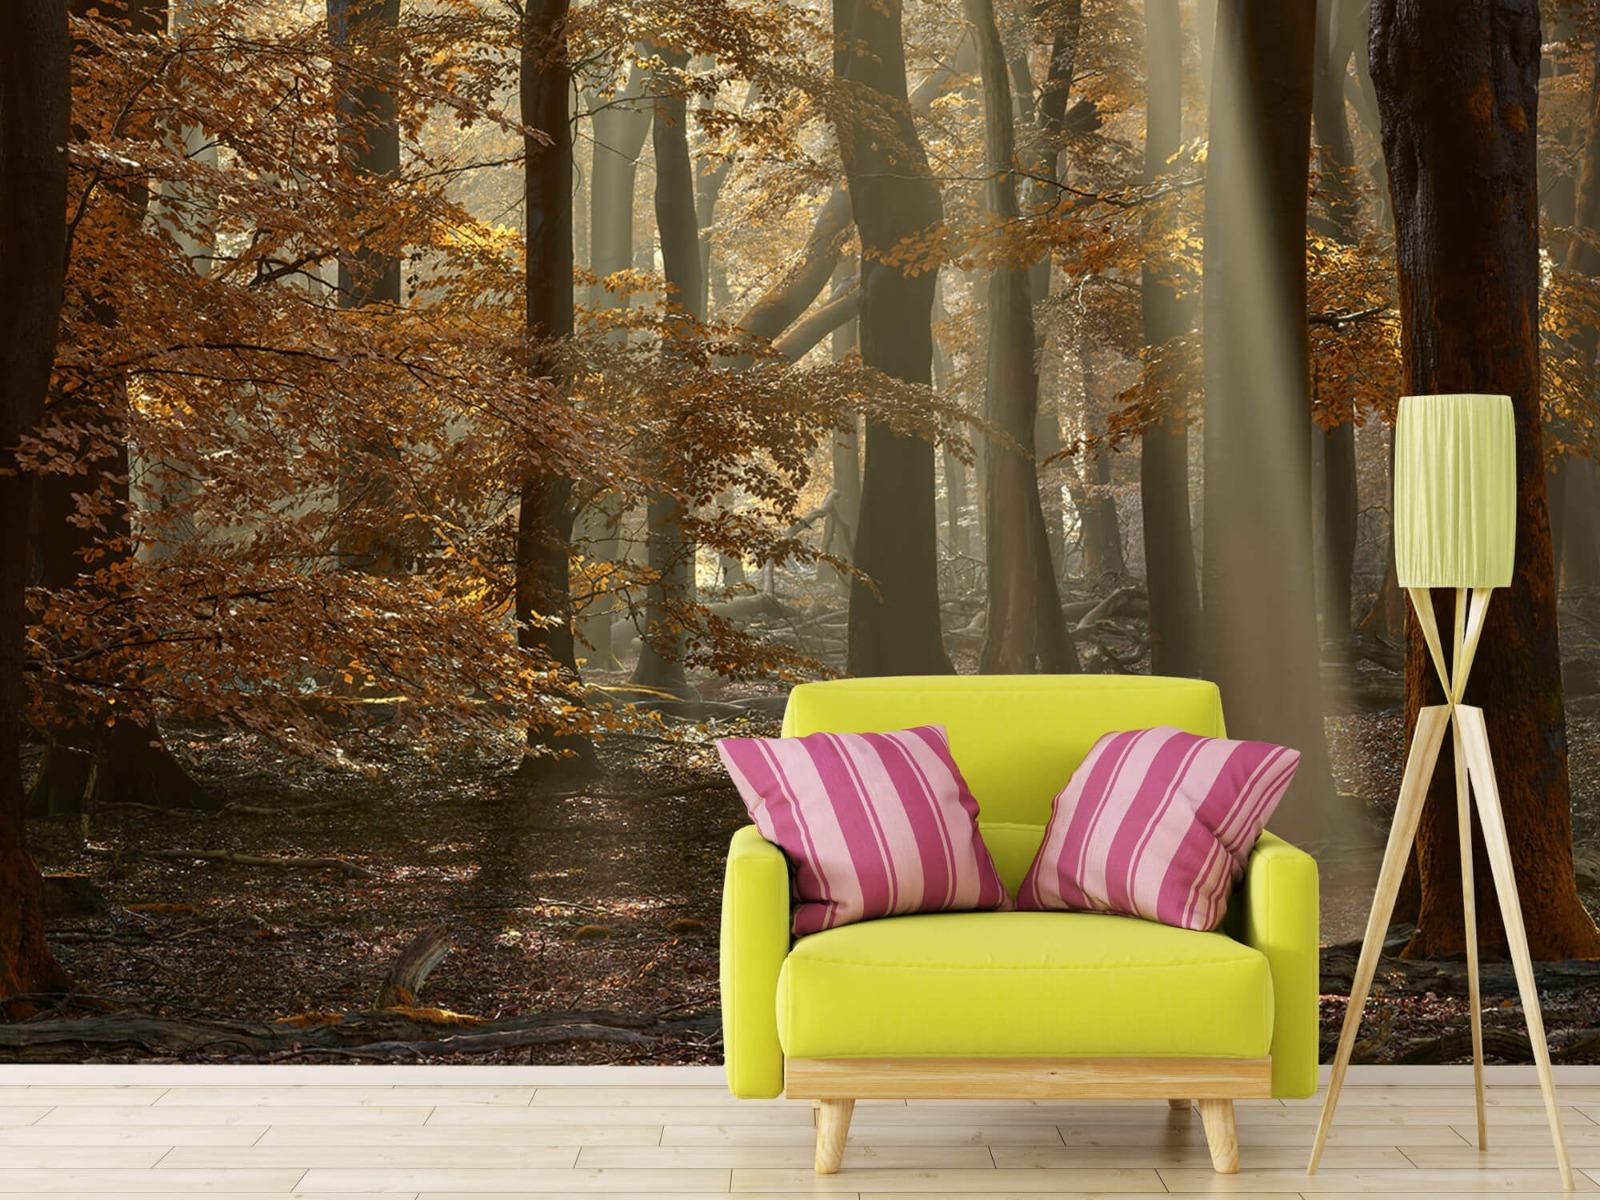 Bos behang - Herfstkleuren in het bos - Slaapkamer 17